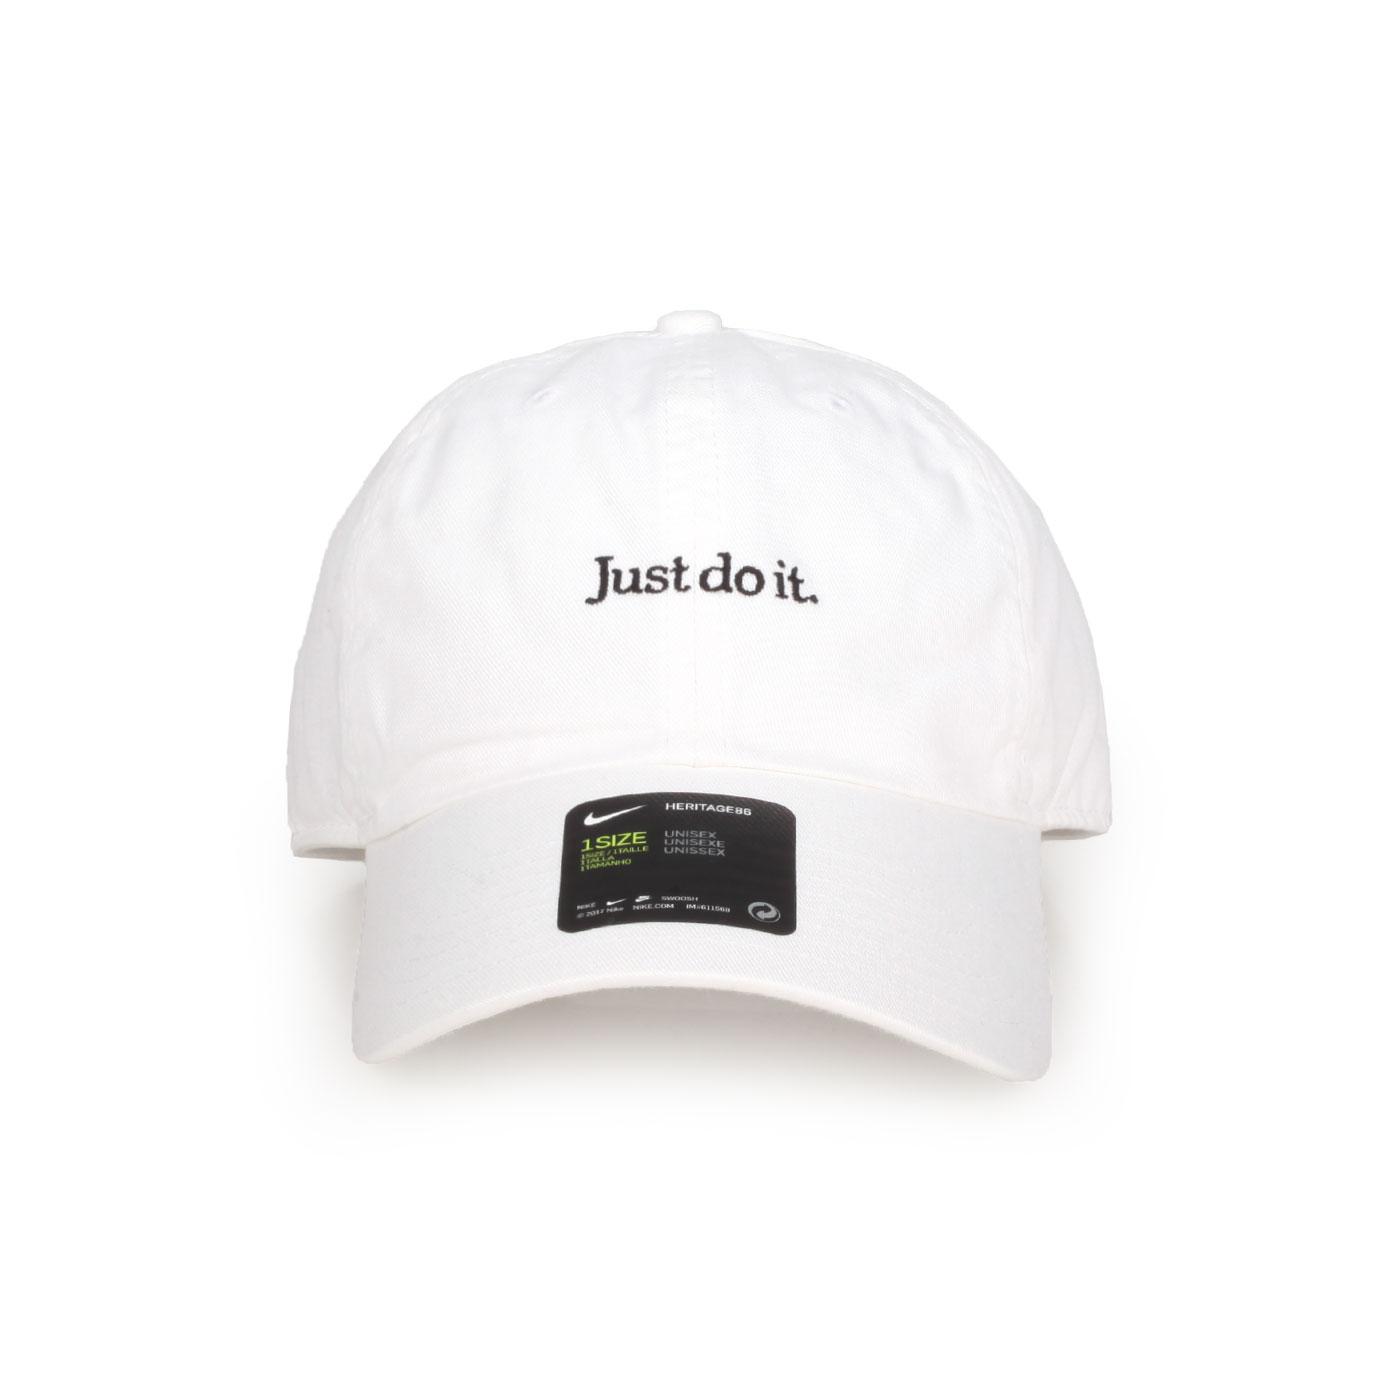 NIKE just do it運動帽 CQ9512-010 - 白黑